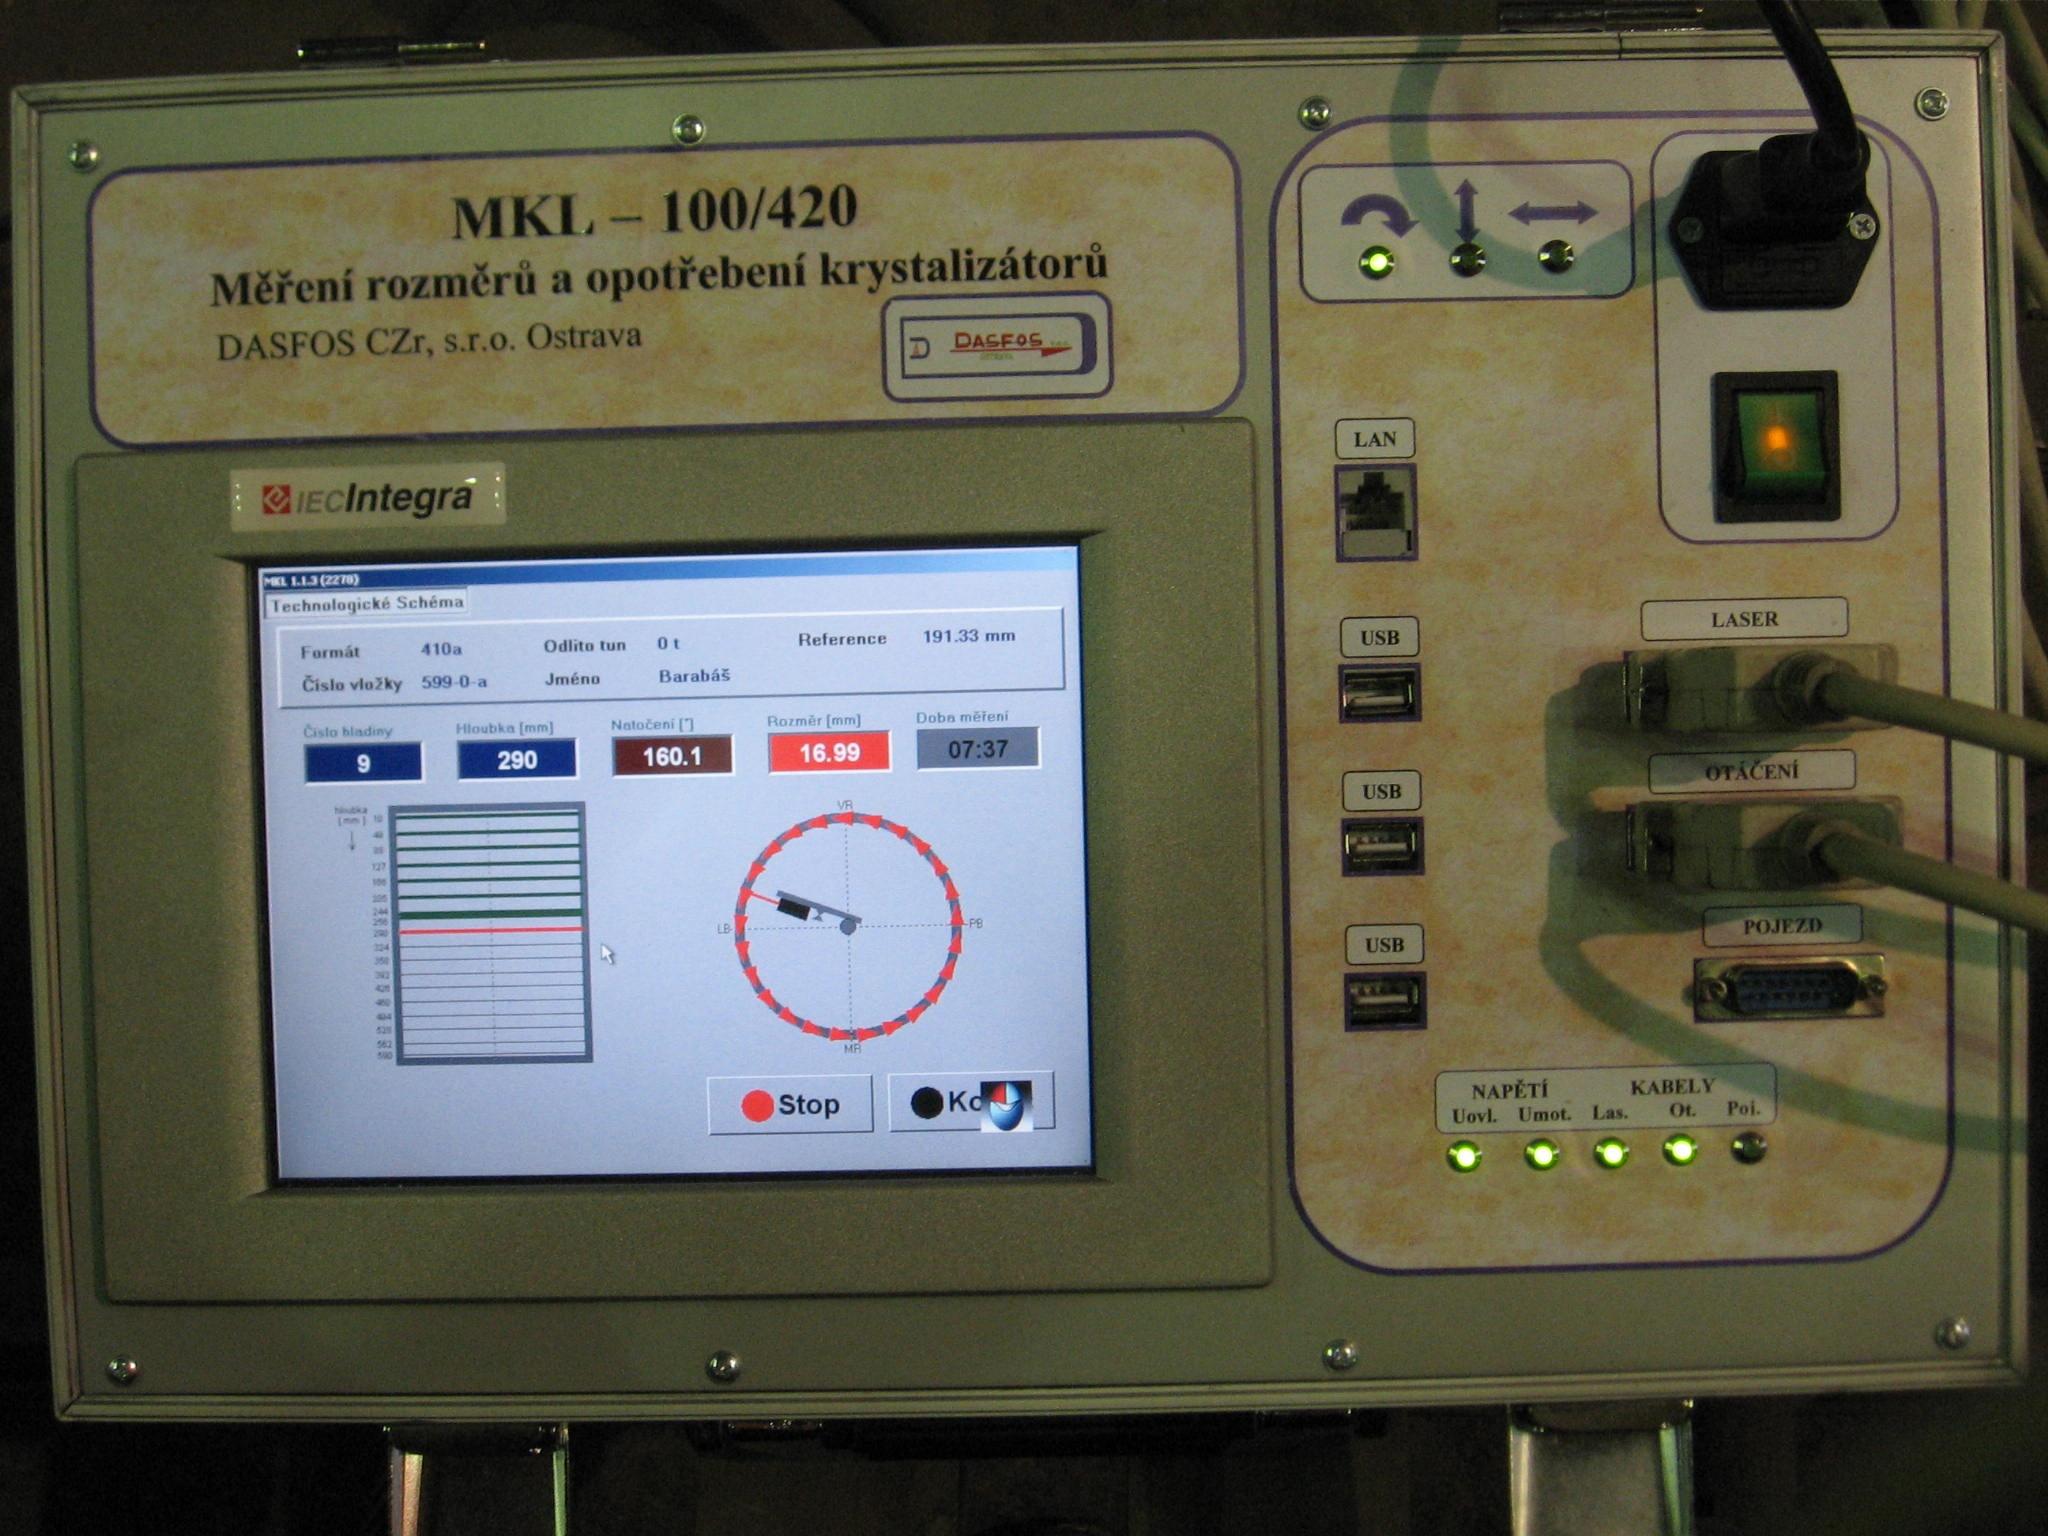 Mobilní řídicí jednotka - - - Portable control unit